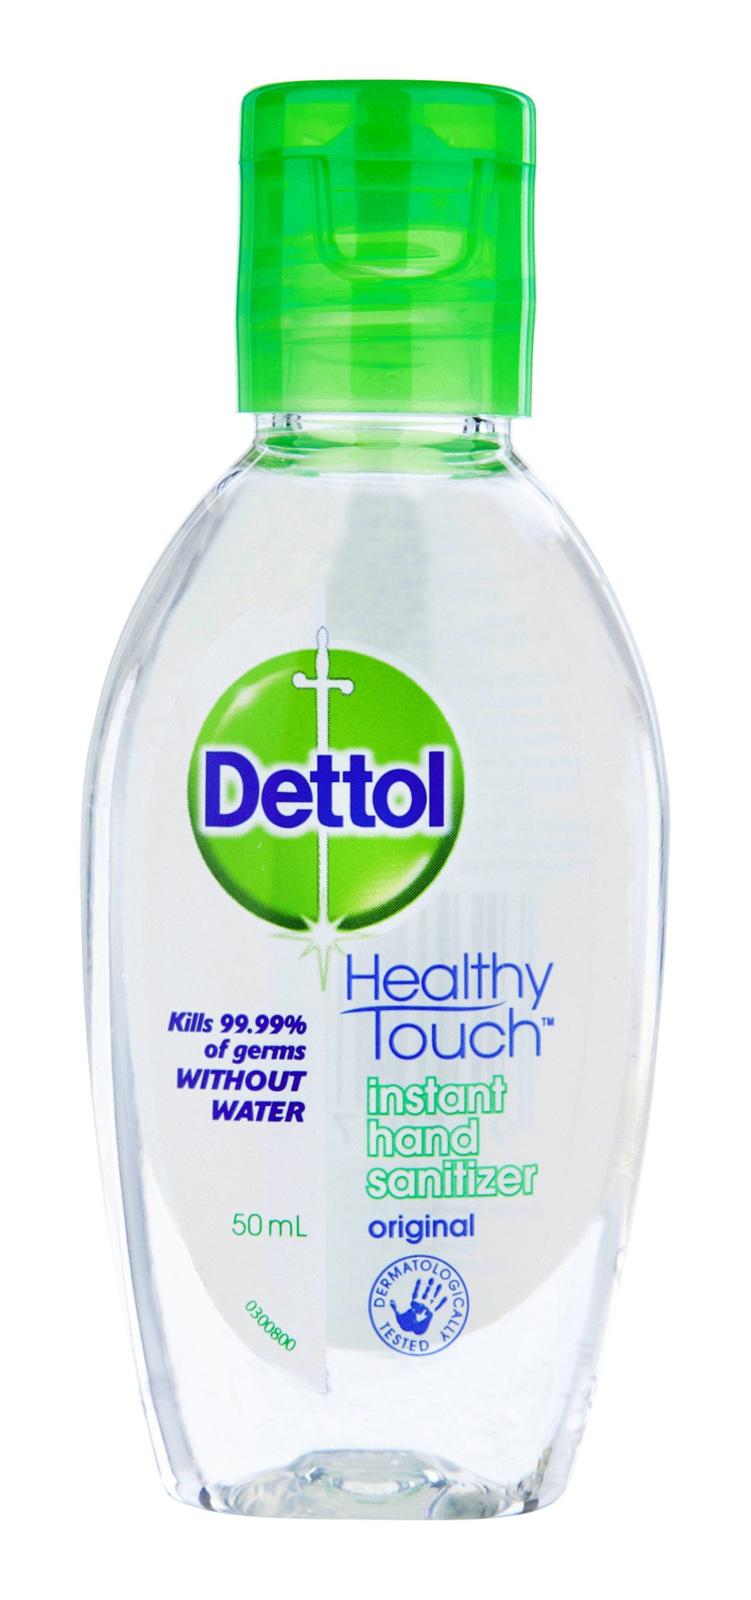 Dettol Hand Sanitizer Refresh 50 Ml Daftar Update Harga Terbaru Original 4 Pcs Instant Liquid Anti Bacterial 50ml